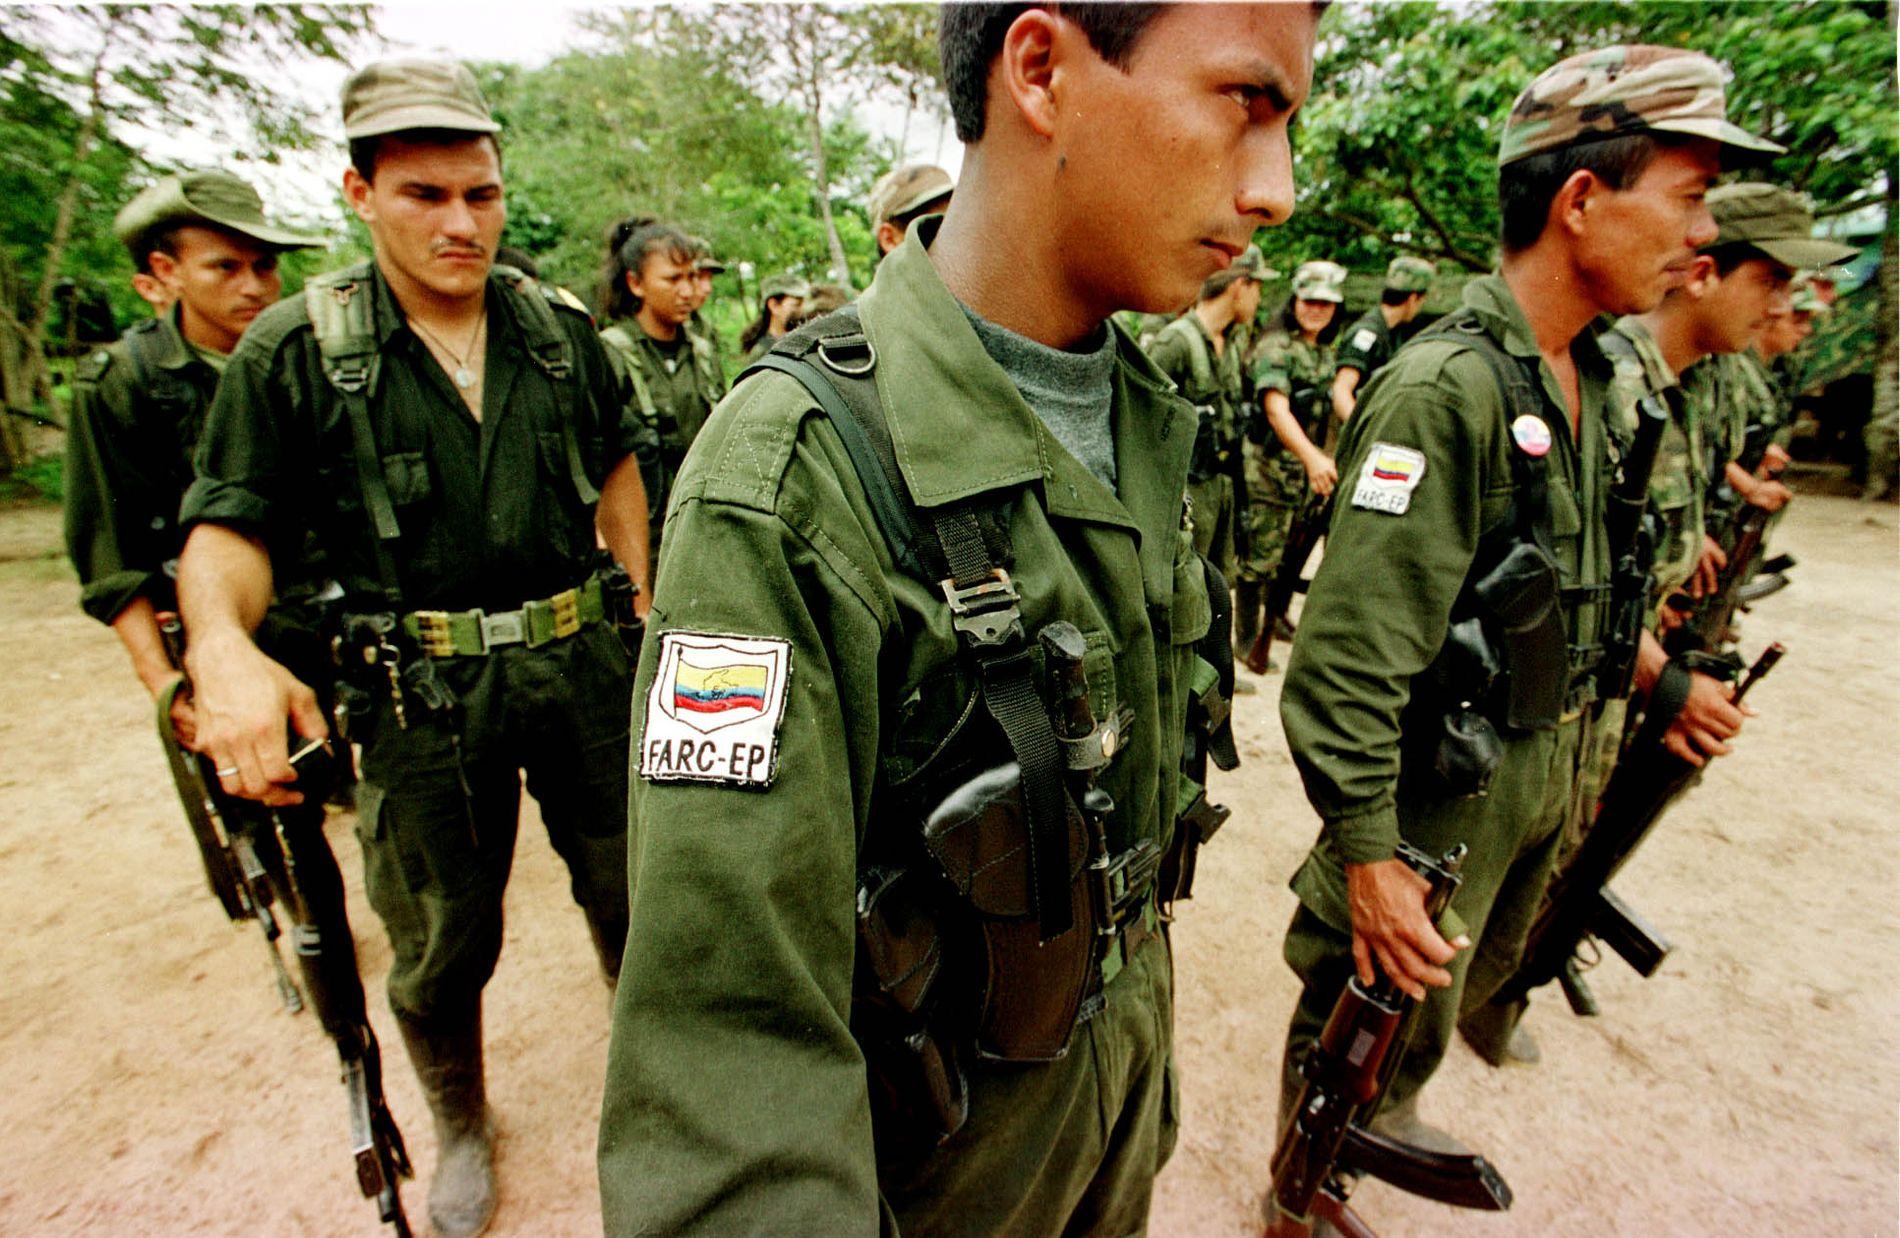 BLIR POLITISK: FARC-geriljaen, som i flere år har vært i borgerkrig i Colombia, blir nå et politisk parti.